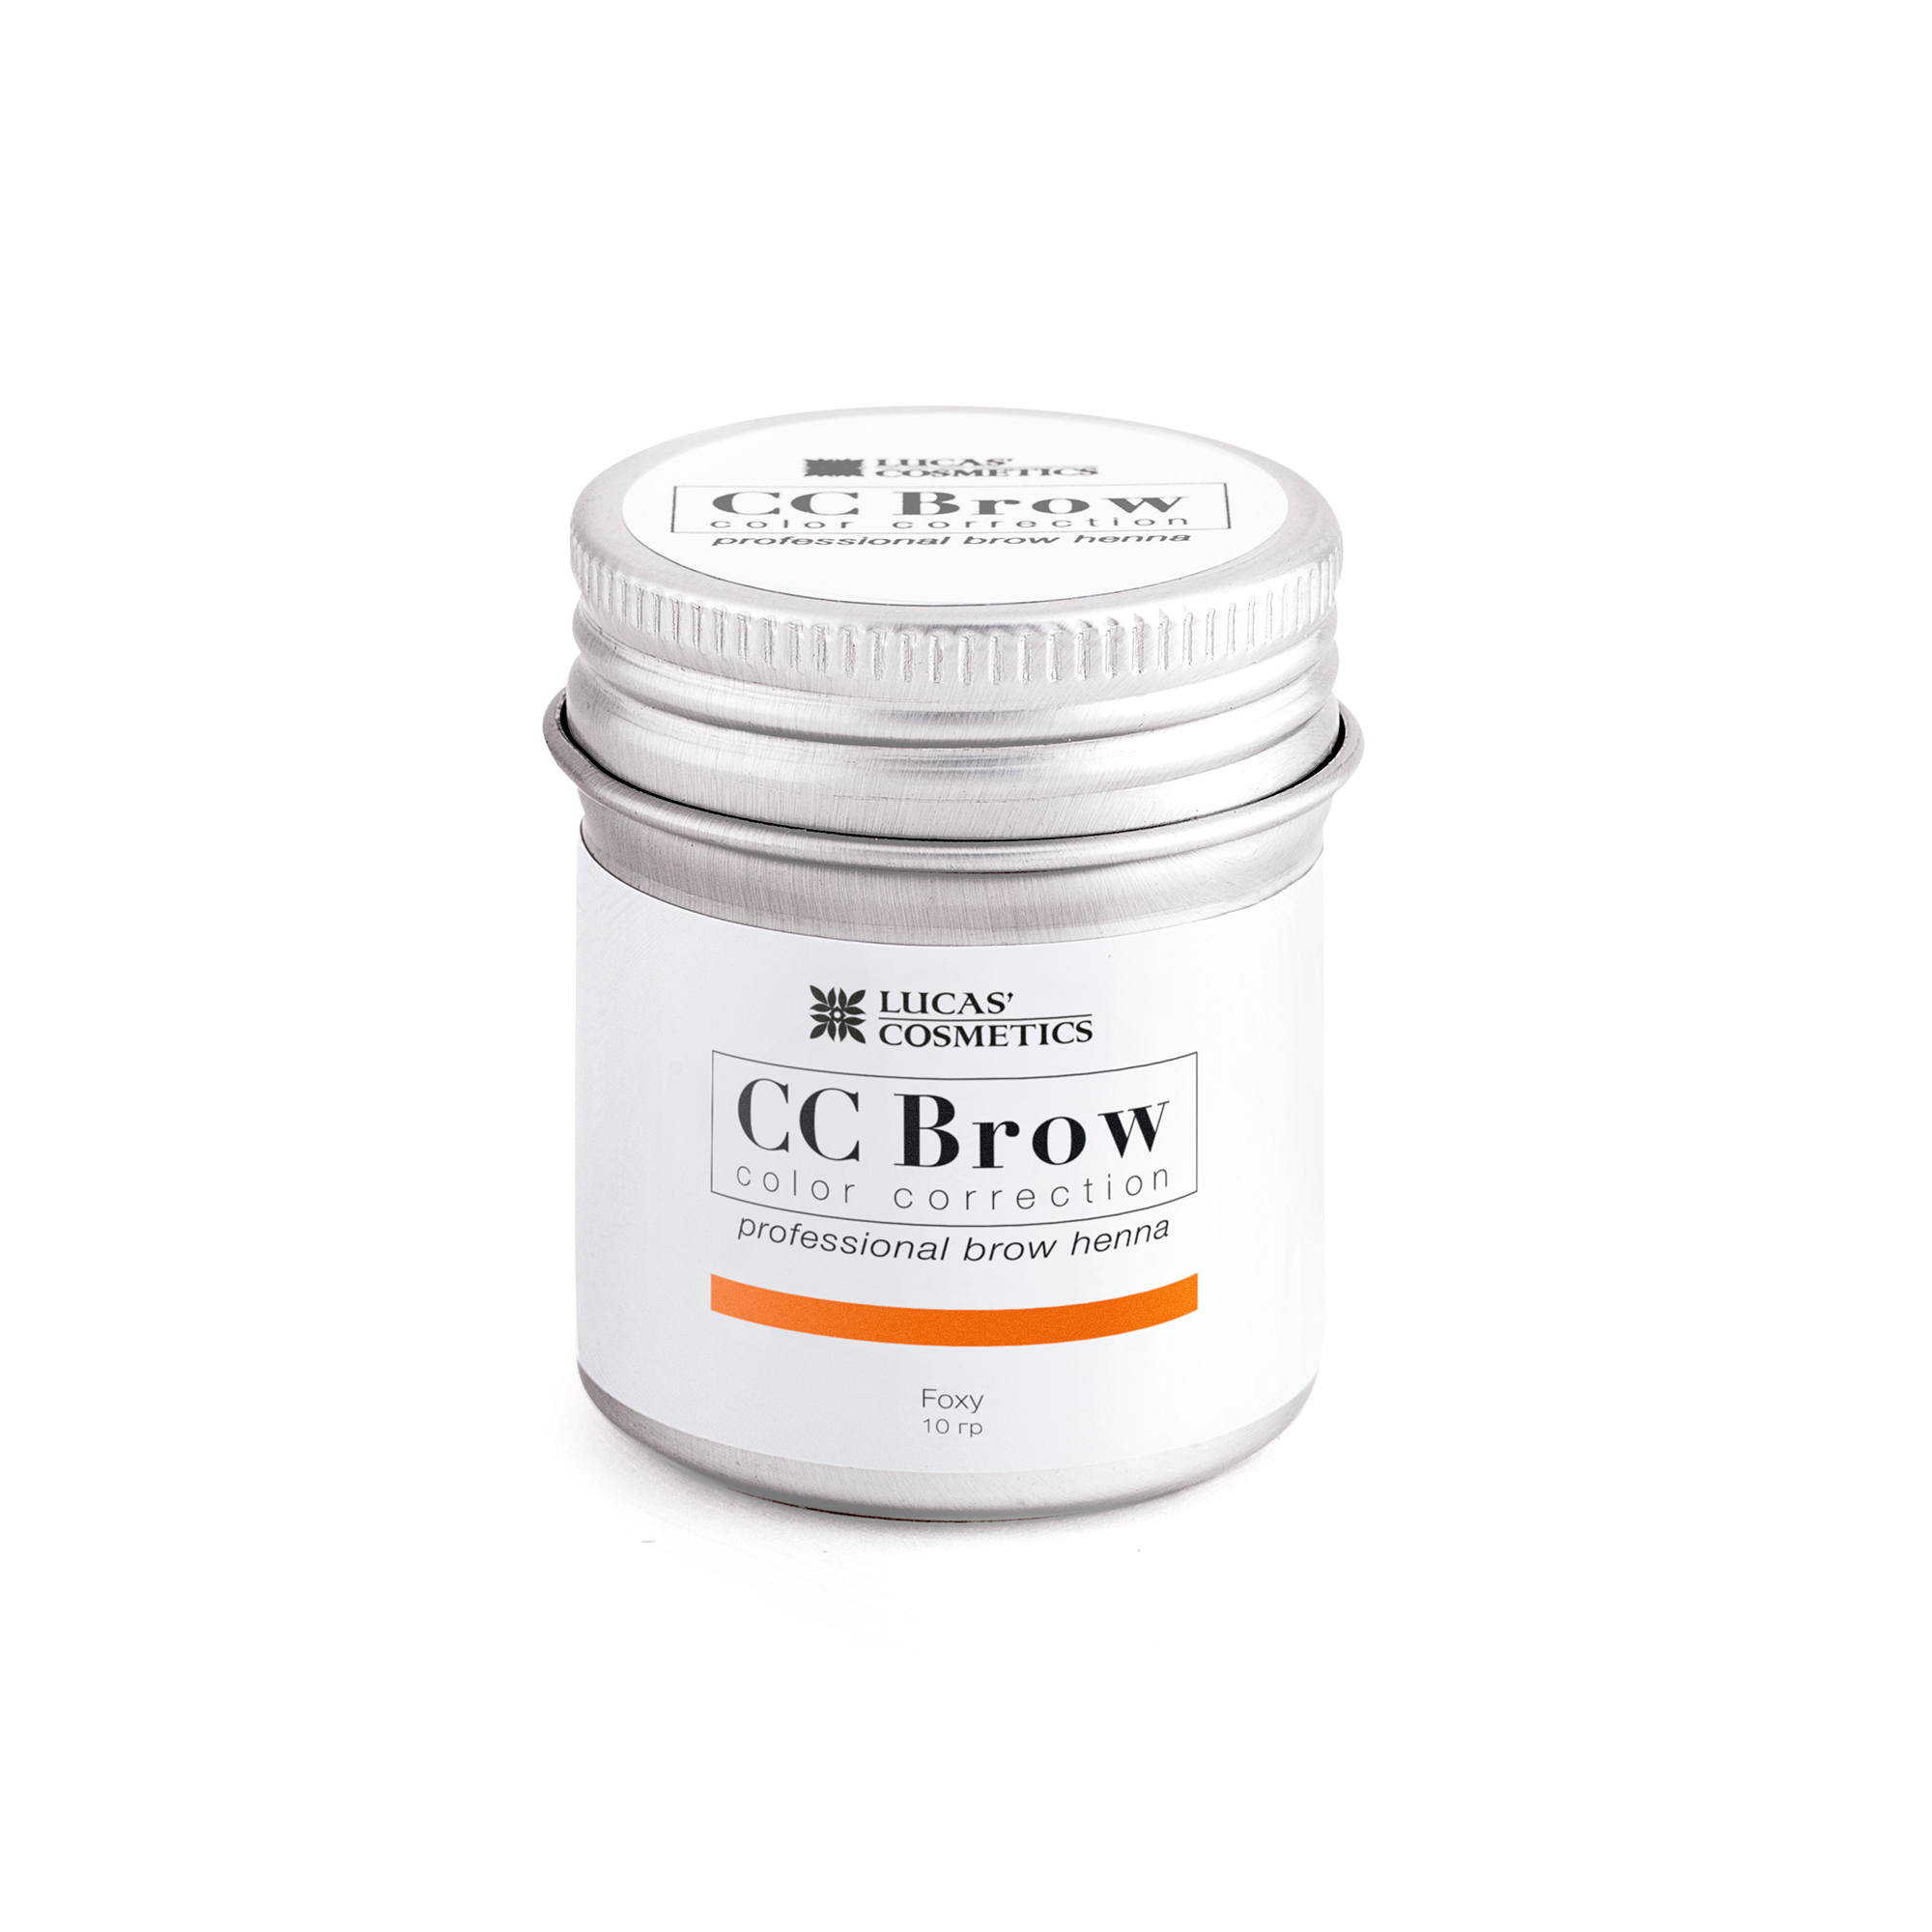 LUCAS' COSMETICS Хна для бровей, рыжий (в баночке) / CC Brow foxy 10 г - Хна для бровей